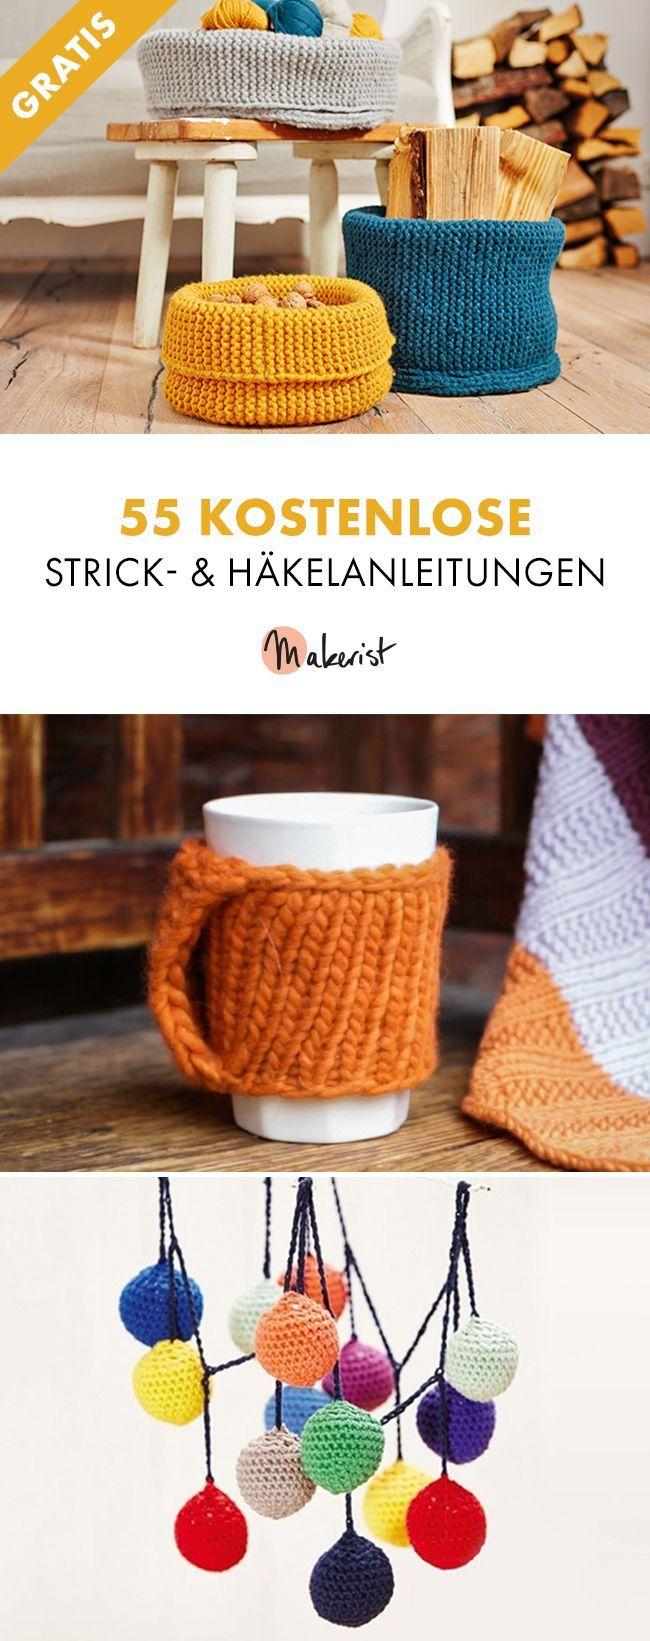 55 kostenlose Strick- und Häkelanleitungen via Makerist Magazin #Makerist #stri